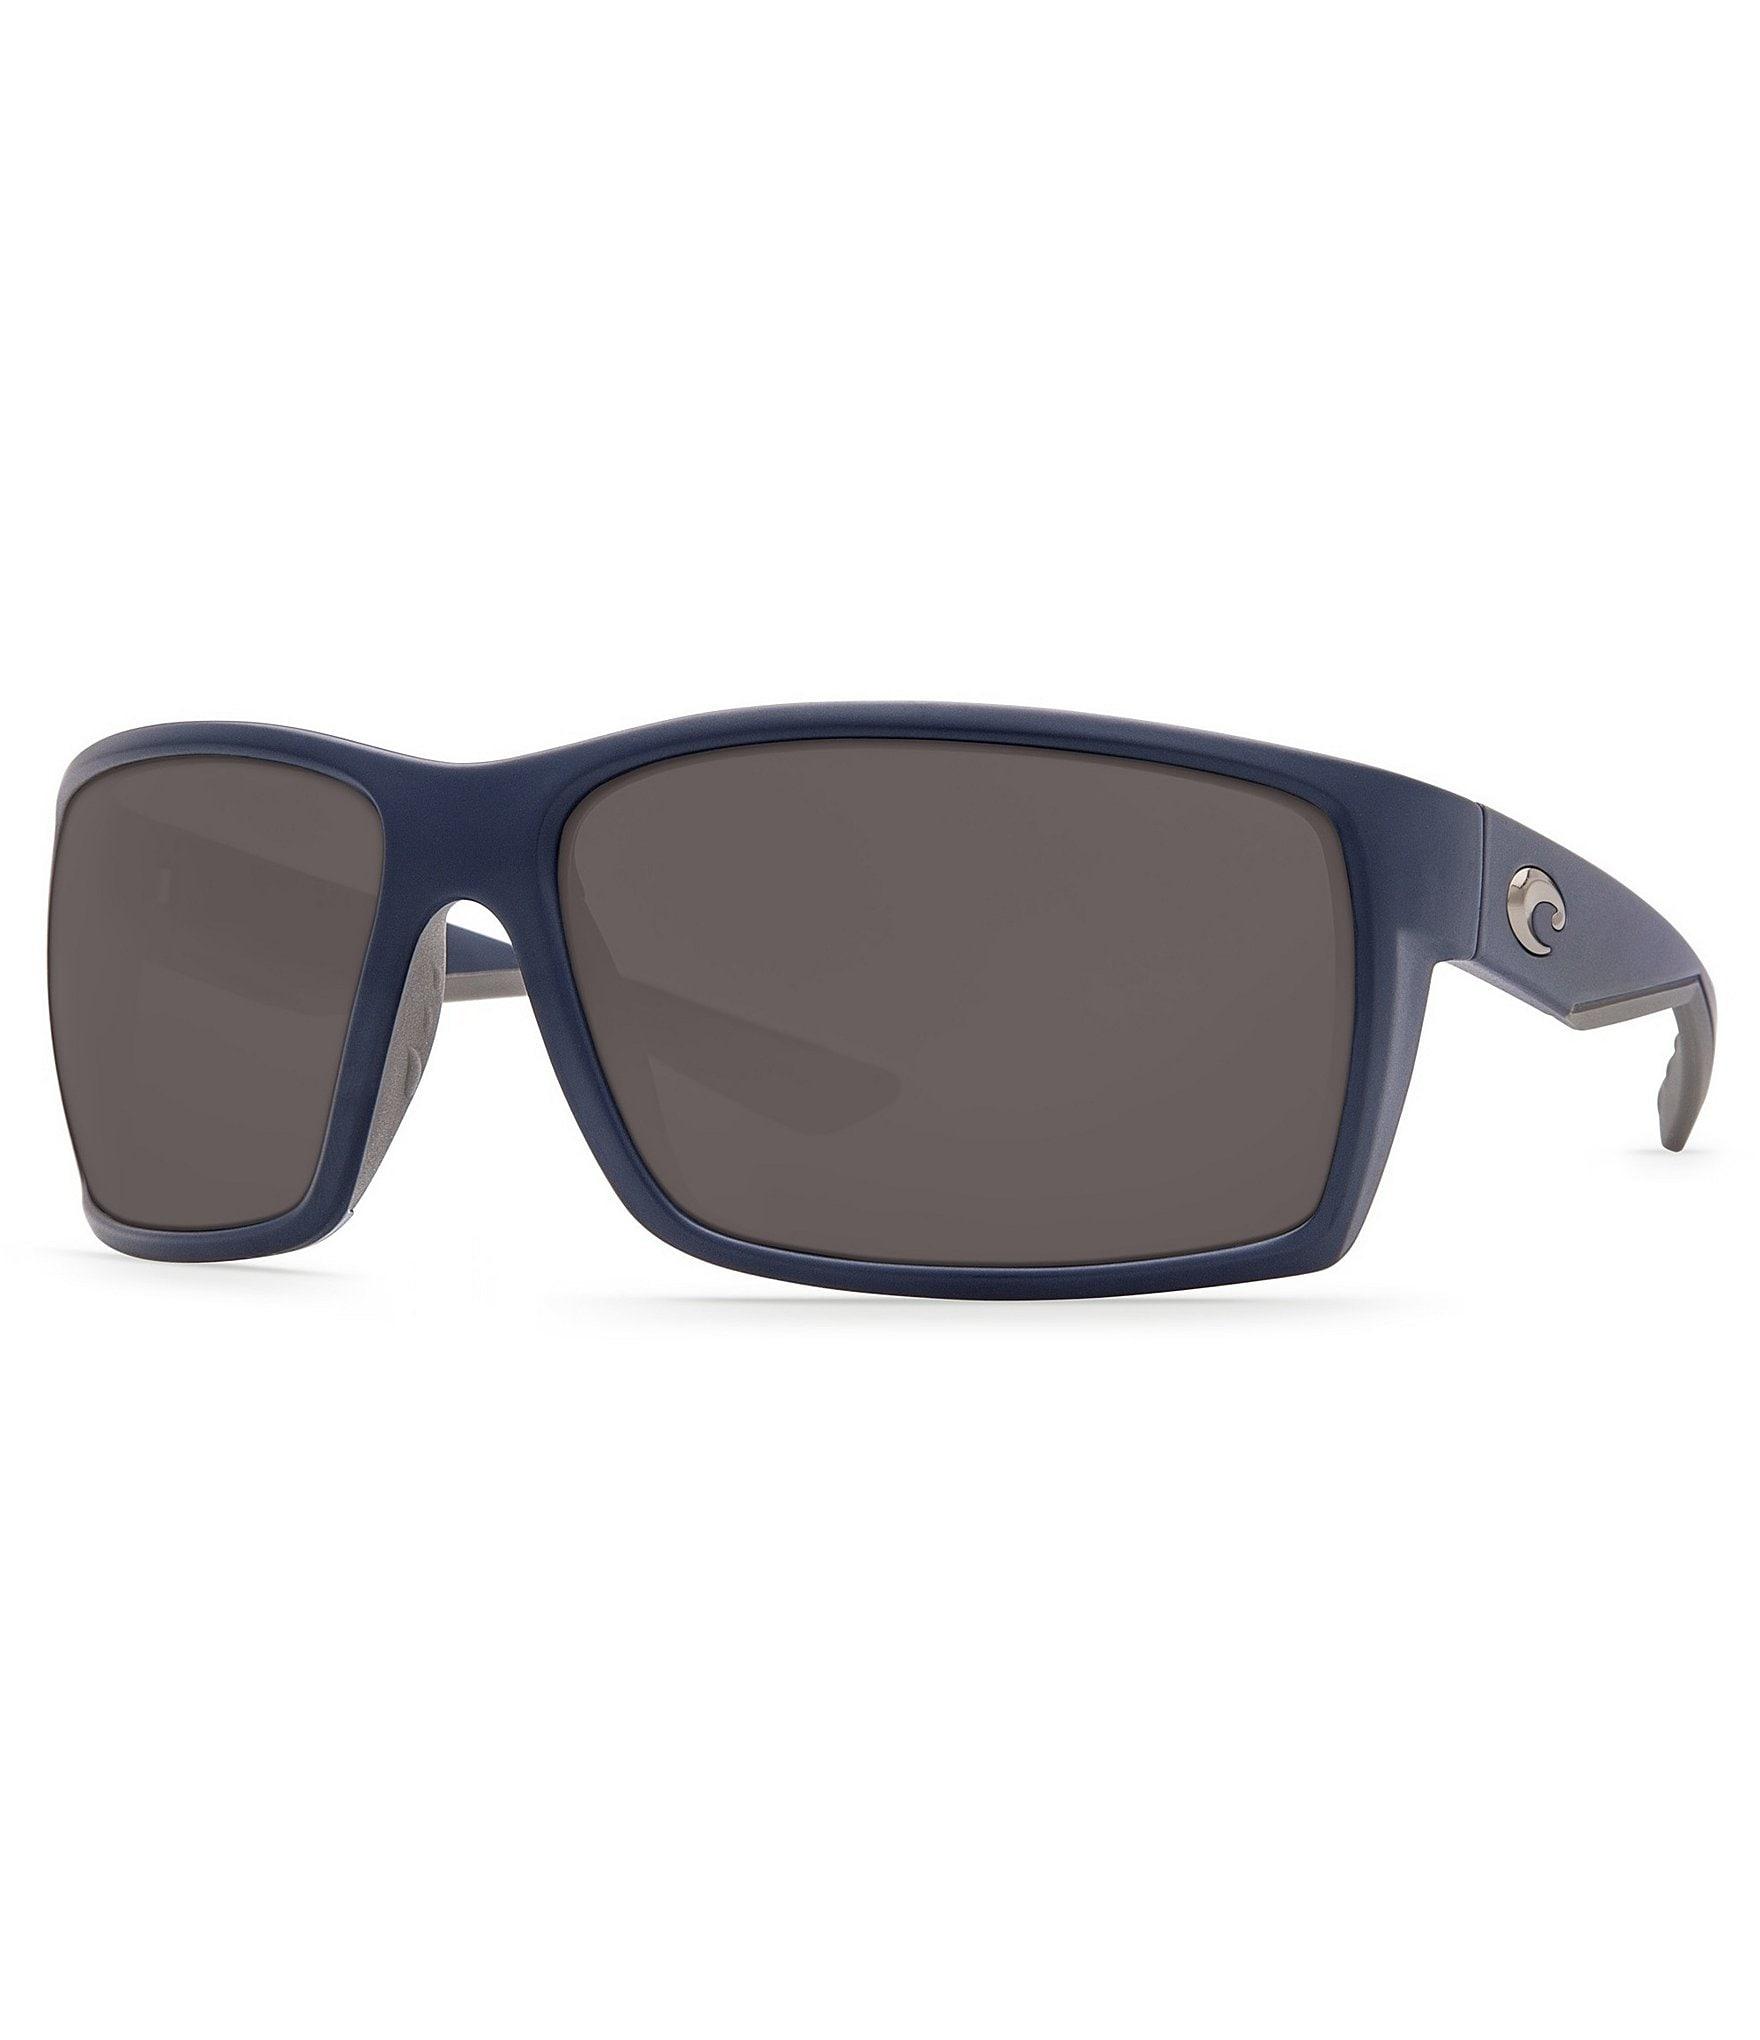 66e24fe523a74 Costa Women s Polarized Sunglasses